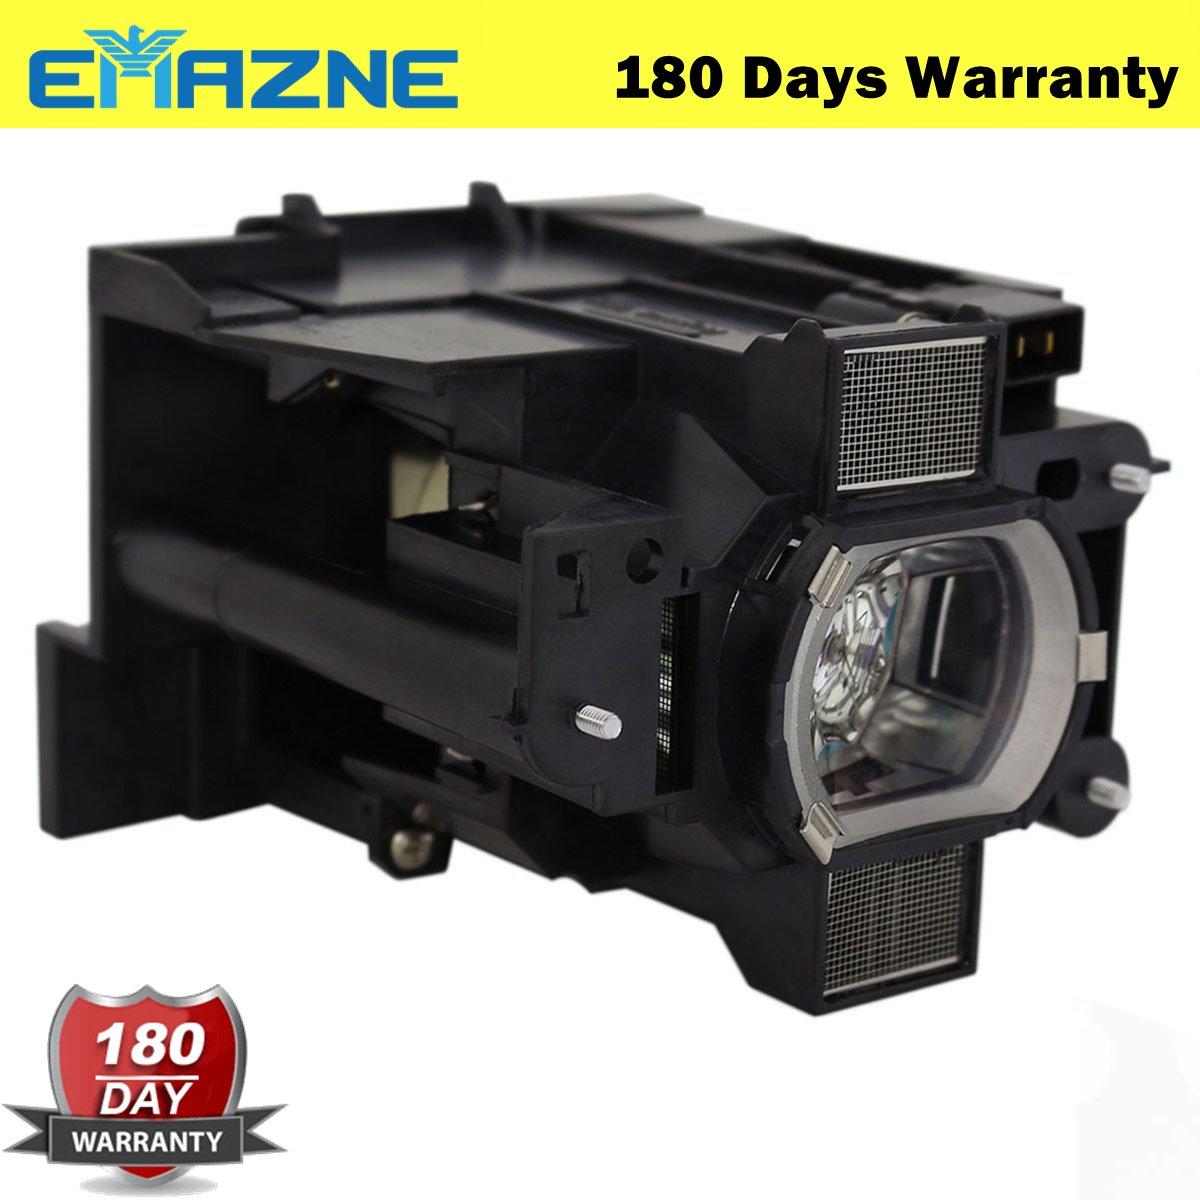 emazne dt01291プロジェクタ用交換ランプ互換性ハウジングfor Hitachi cp-wx8255 Hitachi cp-wux8450 Hitachi cp-x8160   B073RGQ4W6